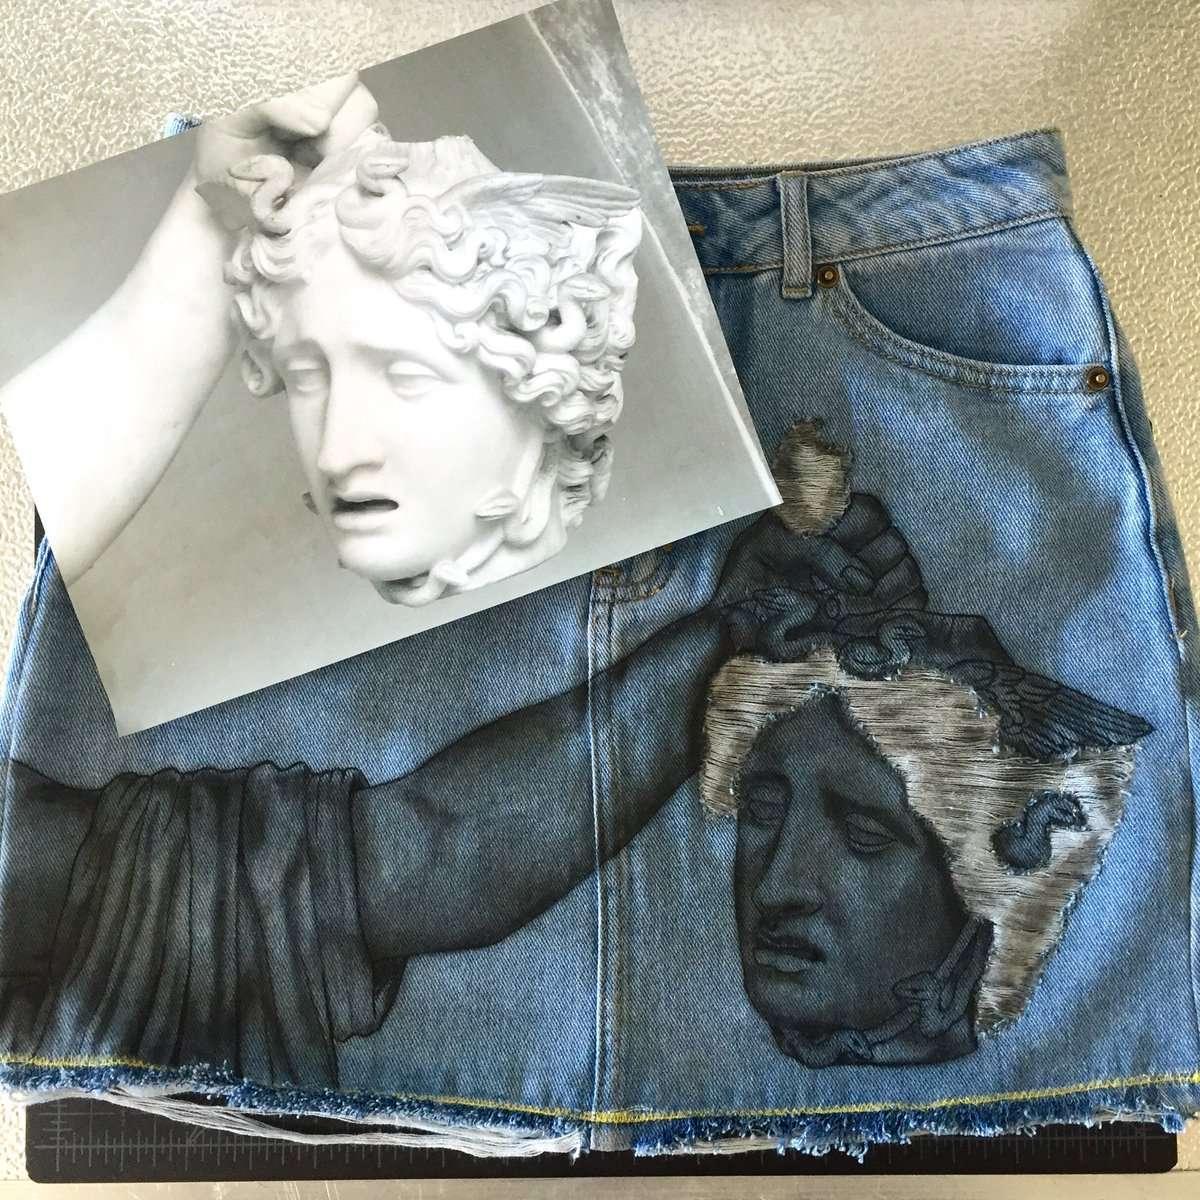 Estilista Carlton Yaito combina arte, moda e upcycling sobre jaquetas jeans usadas stylo urbano